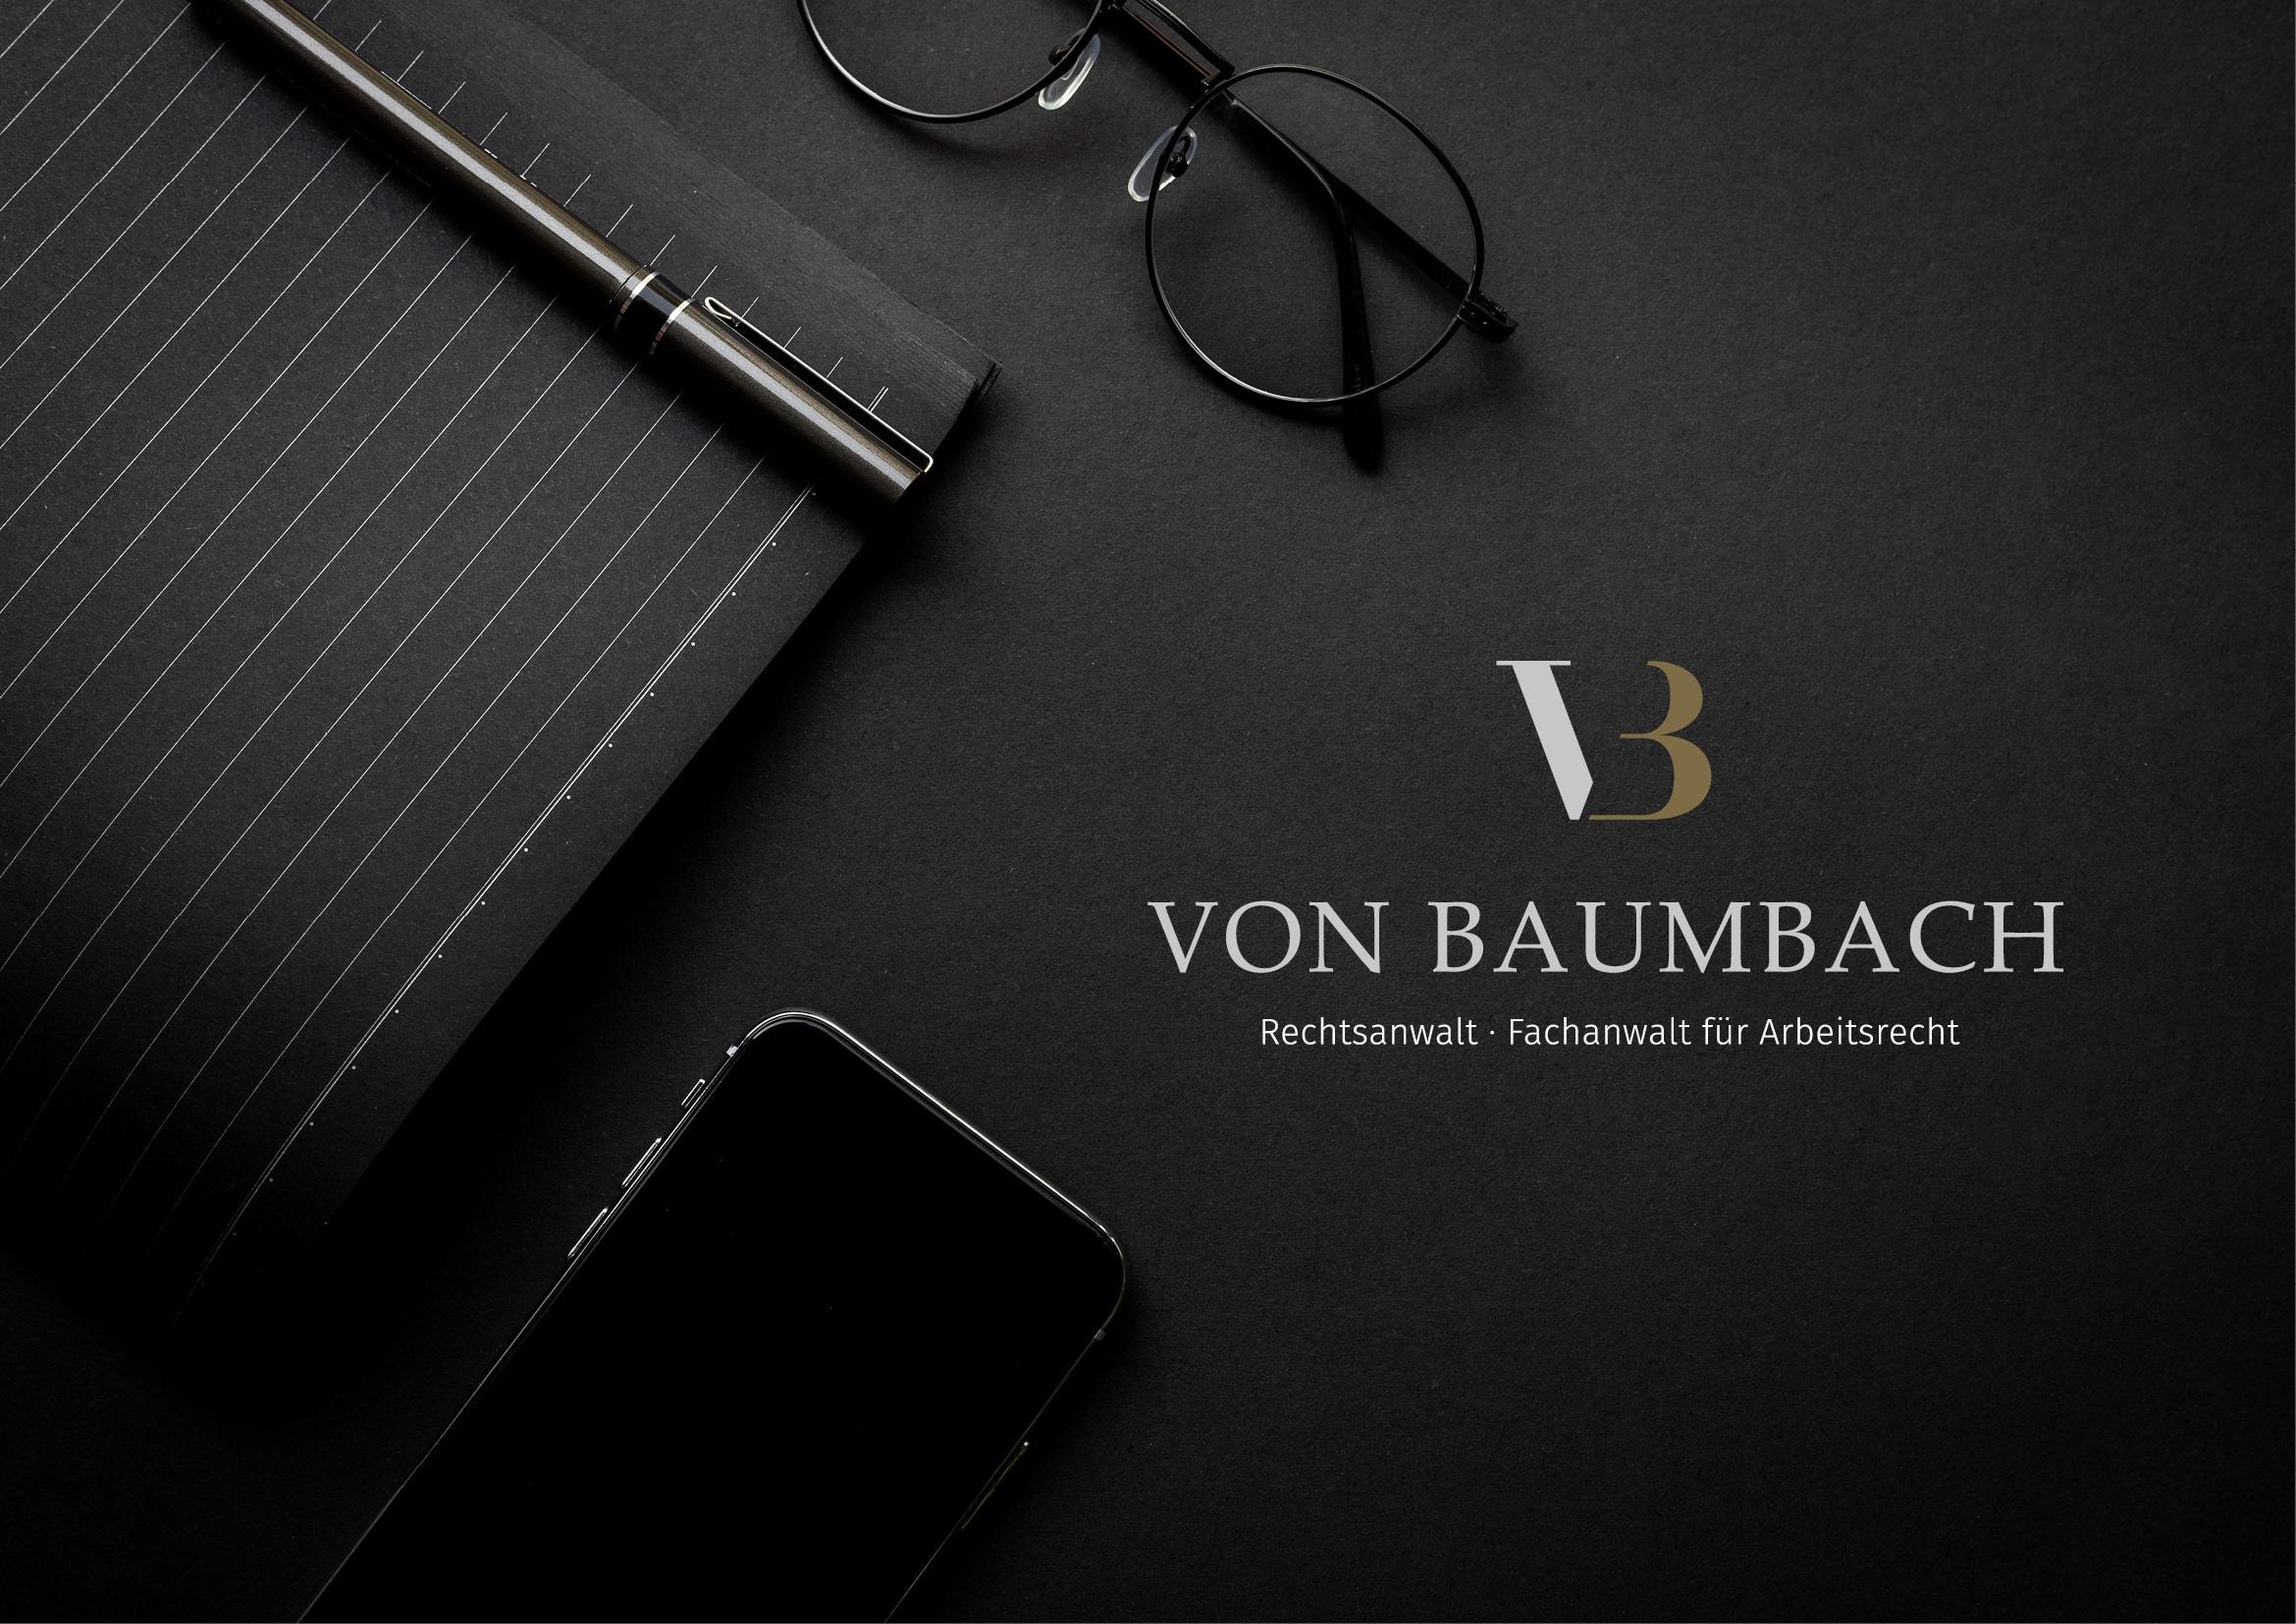 Corporate Design und Logo Entwicklung für Rechtsanwaltskanzlei